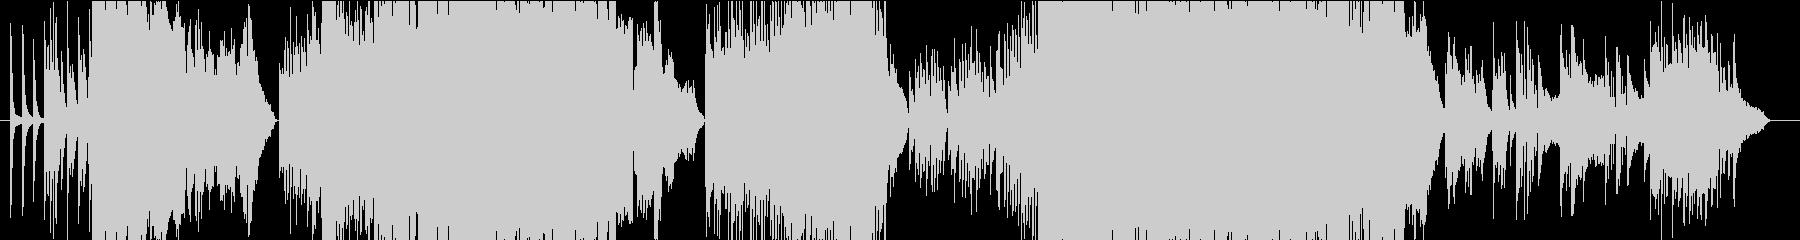 和を感じさせるピアノ中心のインスト曲の未再生の波形